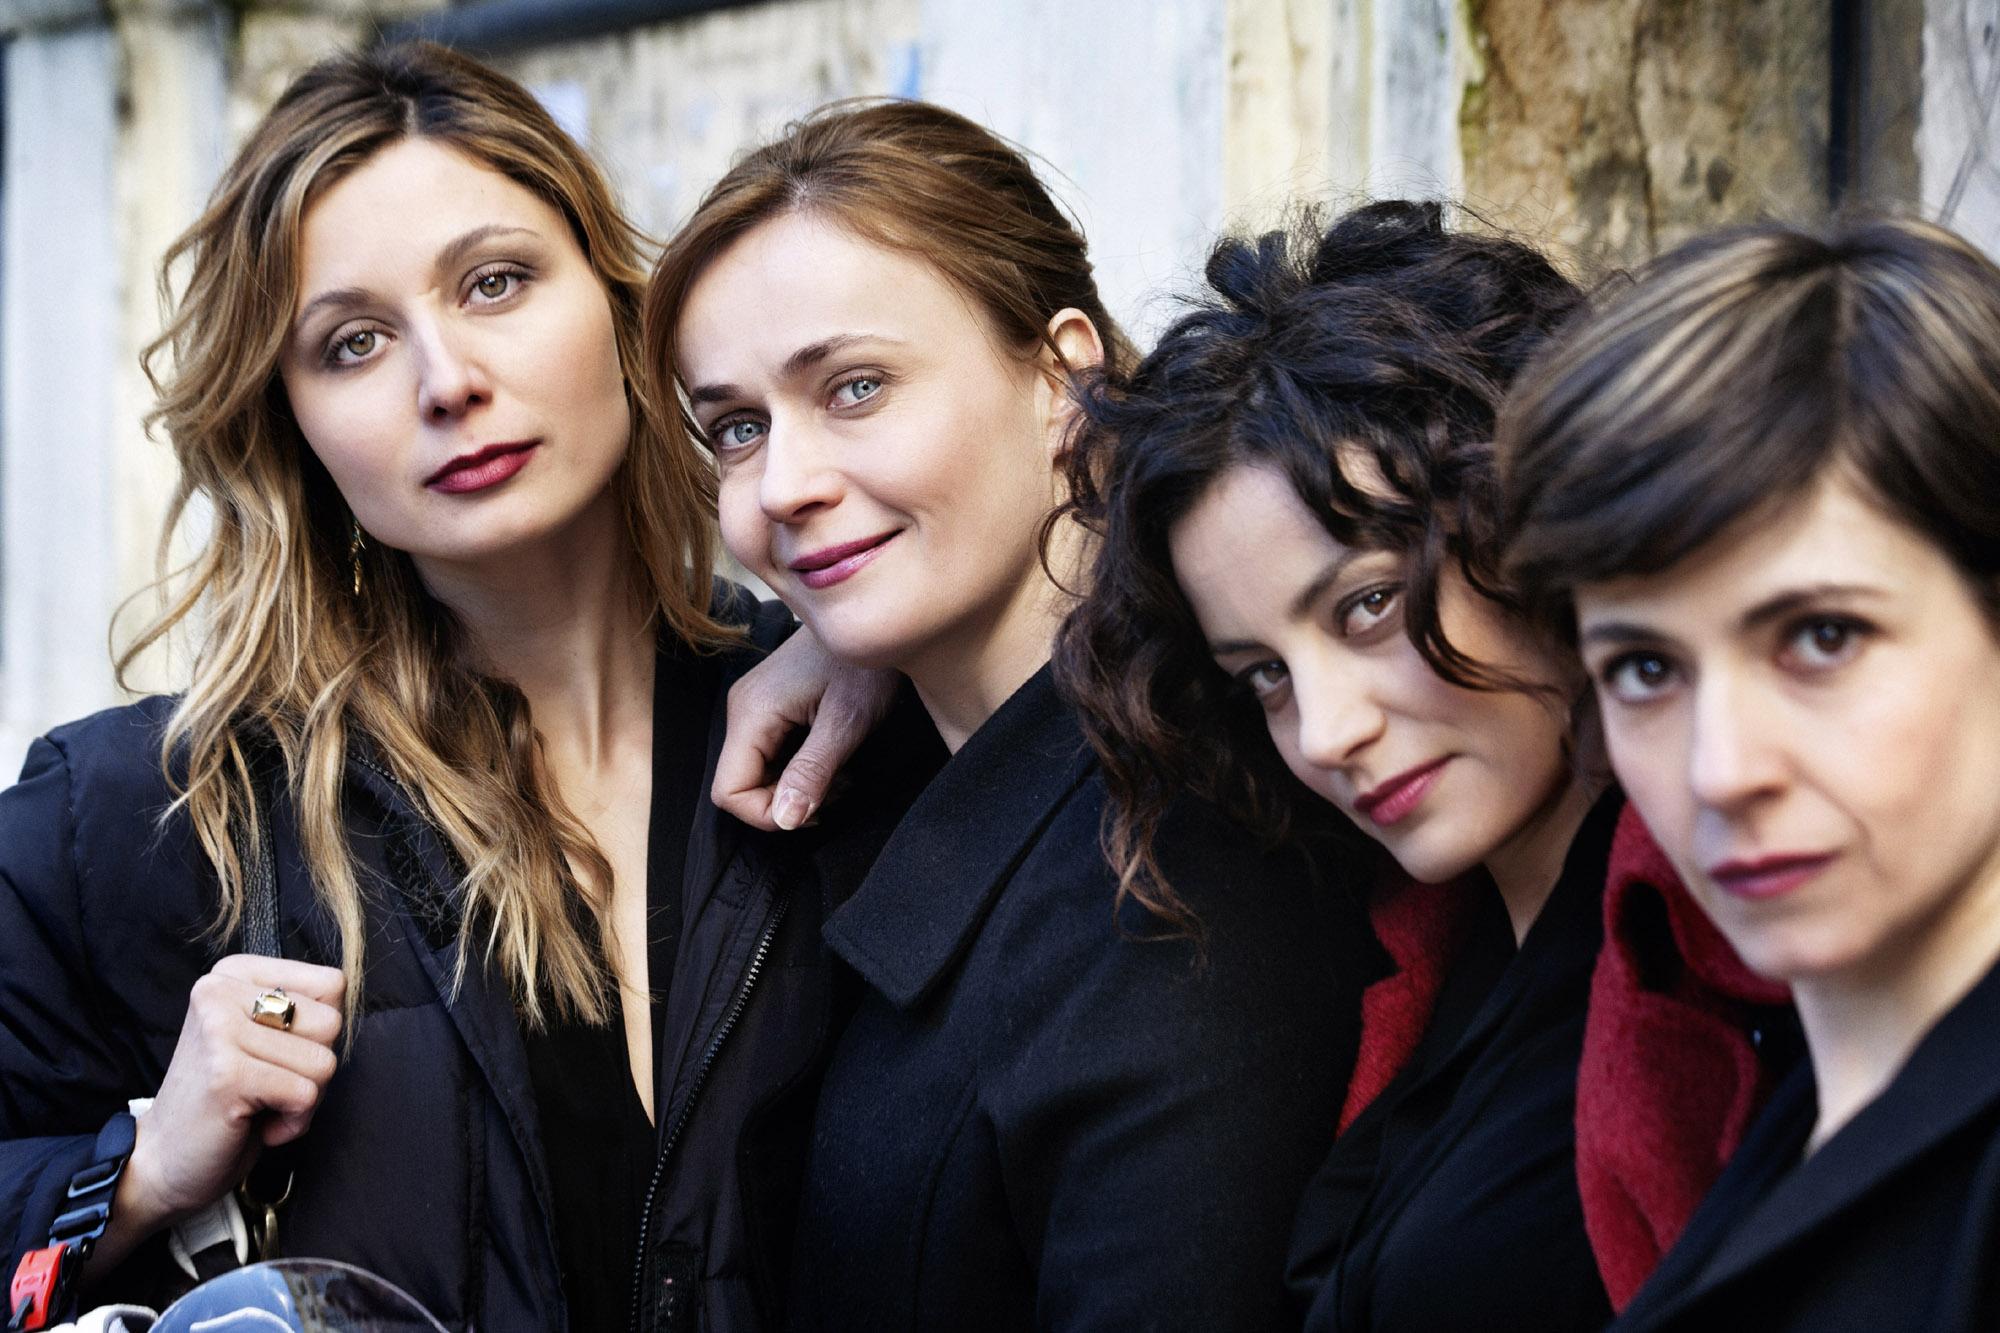 Le protagoniste: Lucia Mascino, Maria Sciarappa, Alessia Barela, Anna Ferzetti, Vanessa Compagnucci (foto Angelo Turetta)